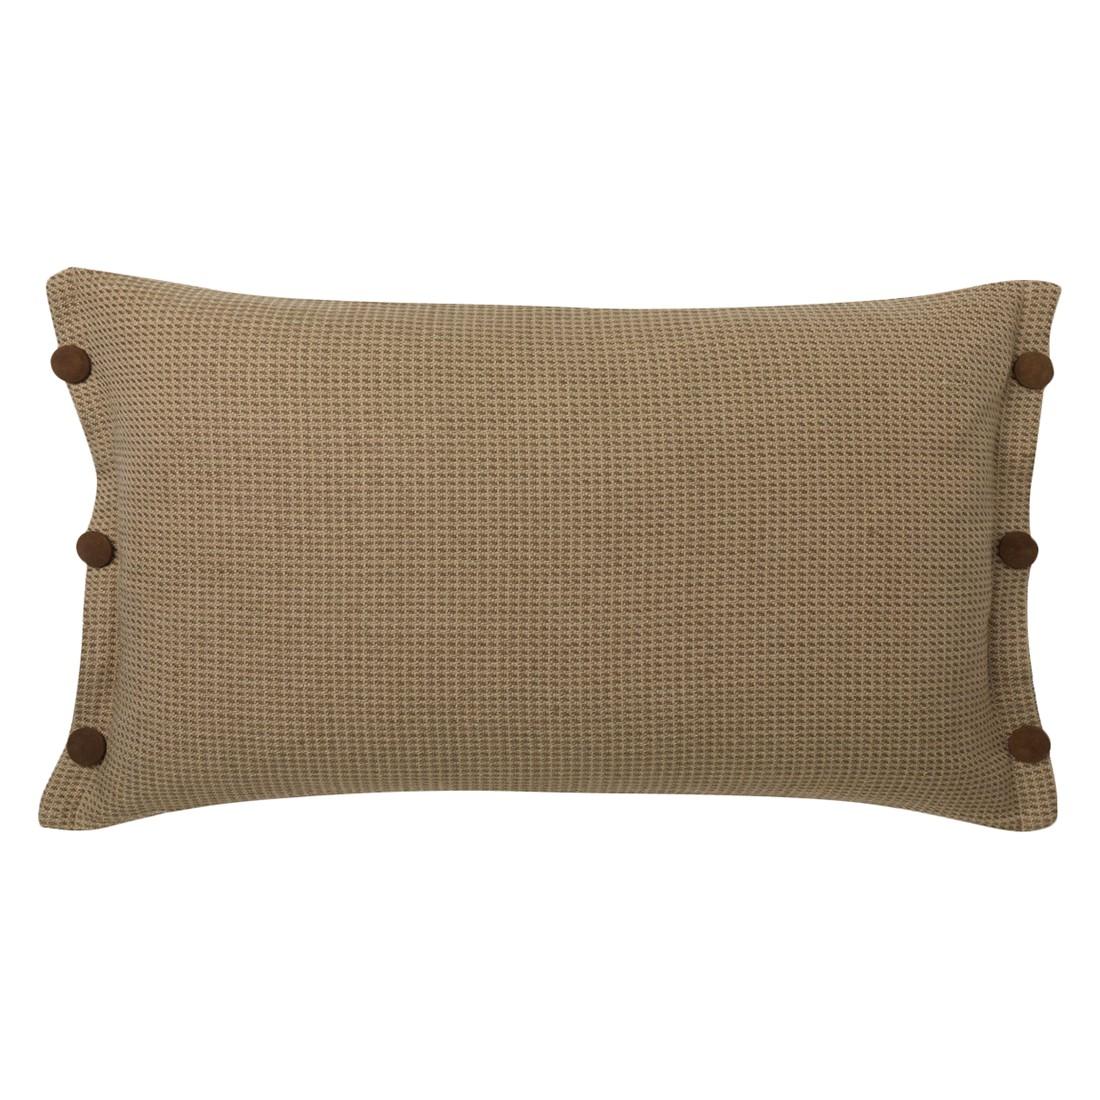 Kissen Burton – 40 X 60 cm, Taupe, Baumwolle – Kissenhülle, ohne Füllung, Dutch Decor bestellen